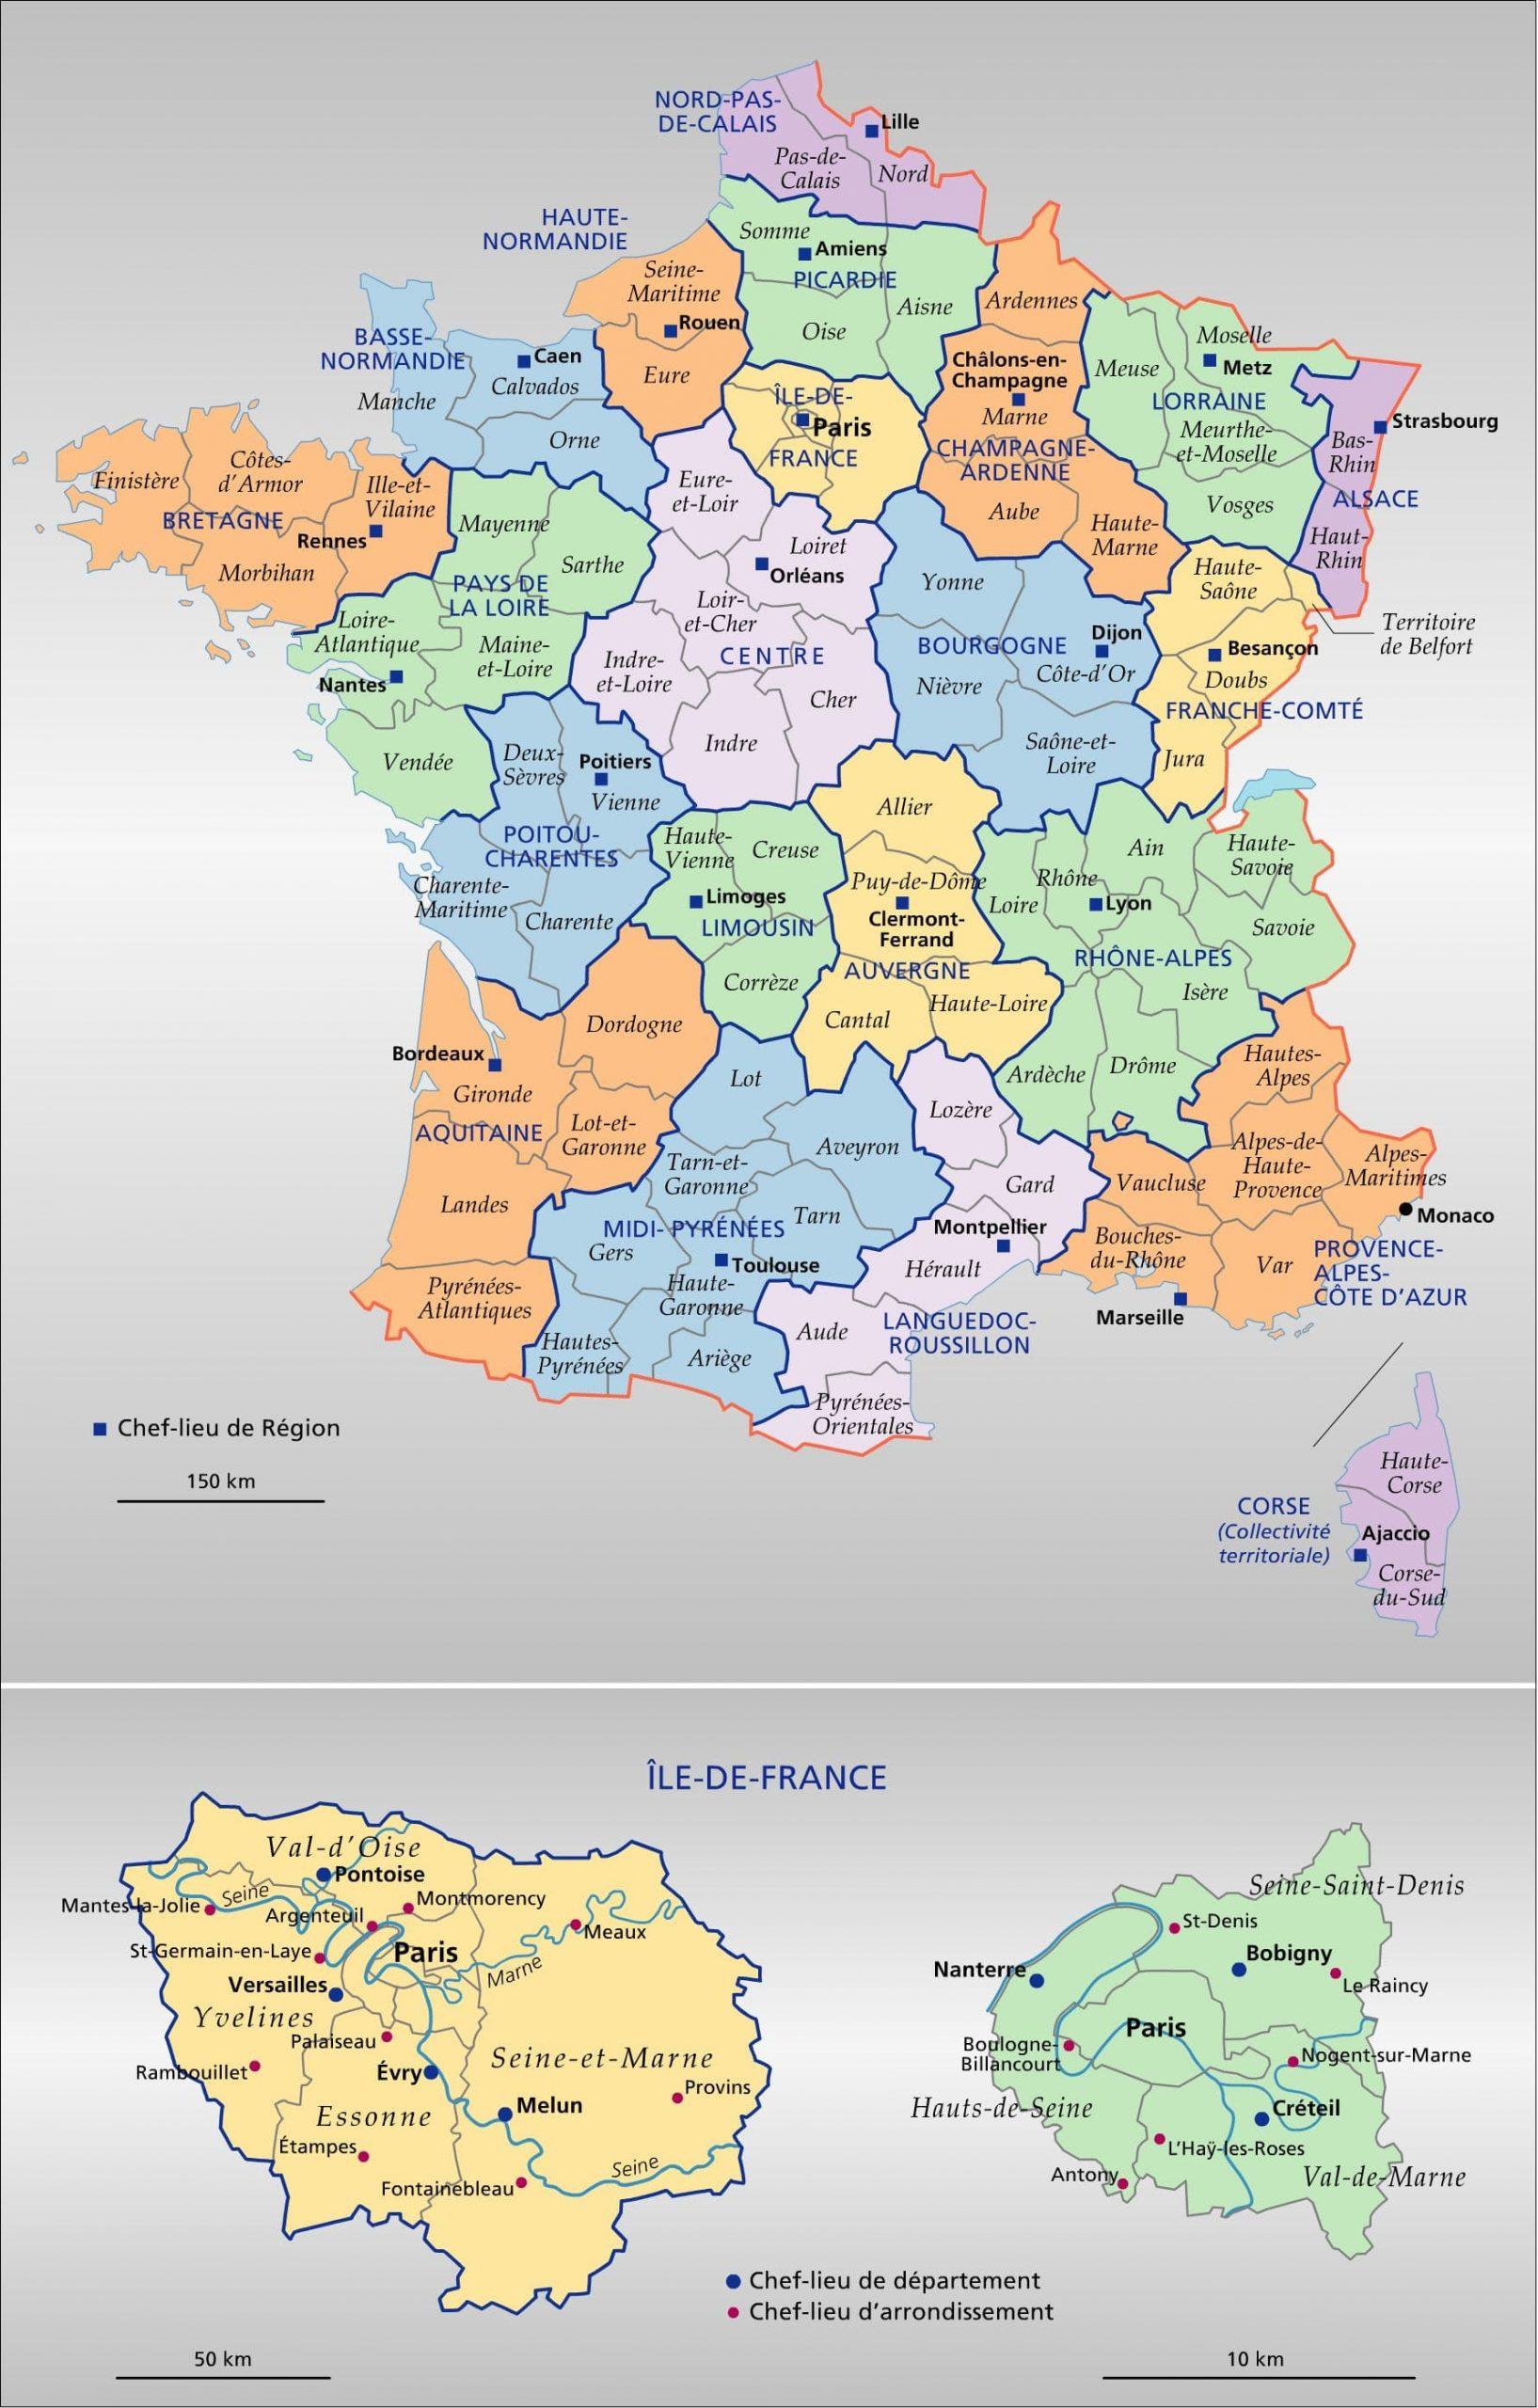 Encyclopédie Larousse En Ligne - France : Régions Et intérieur Carte De France Par Régions Et Départements